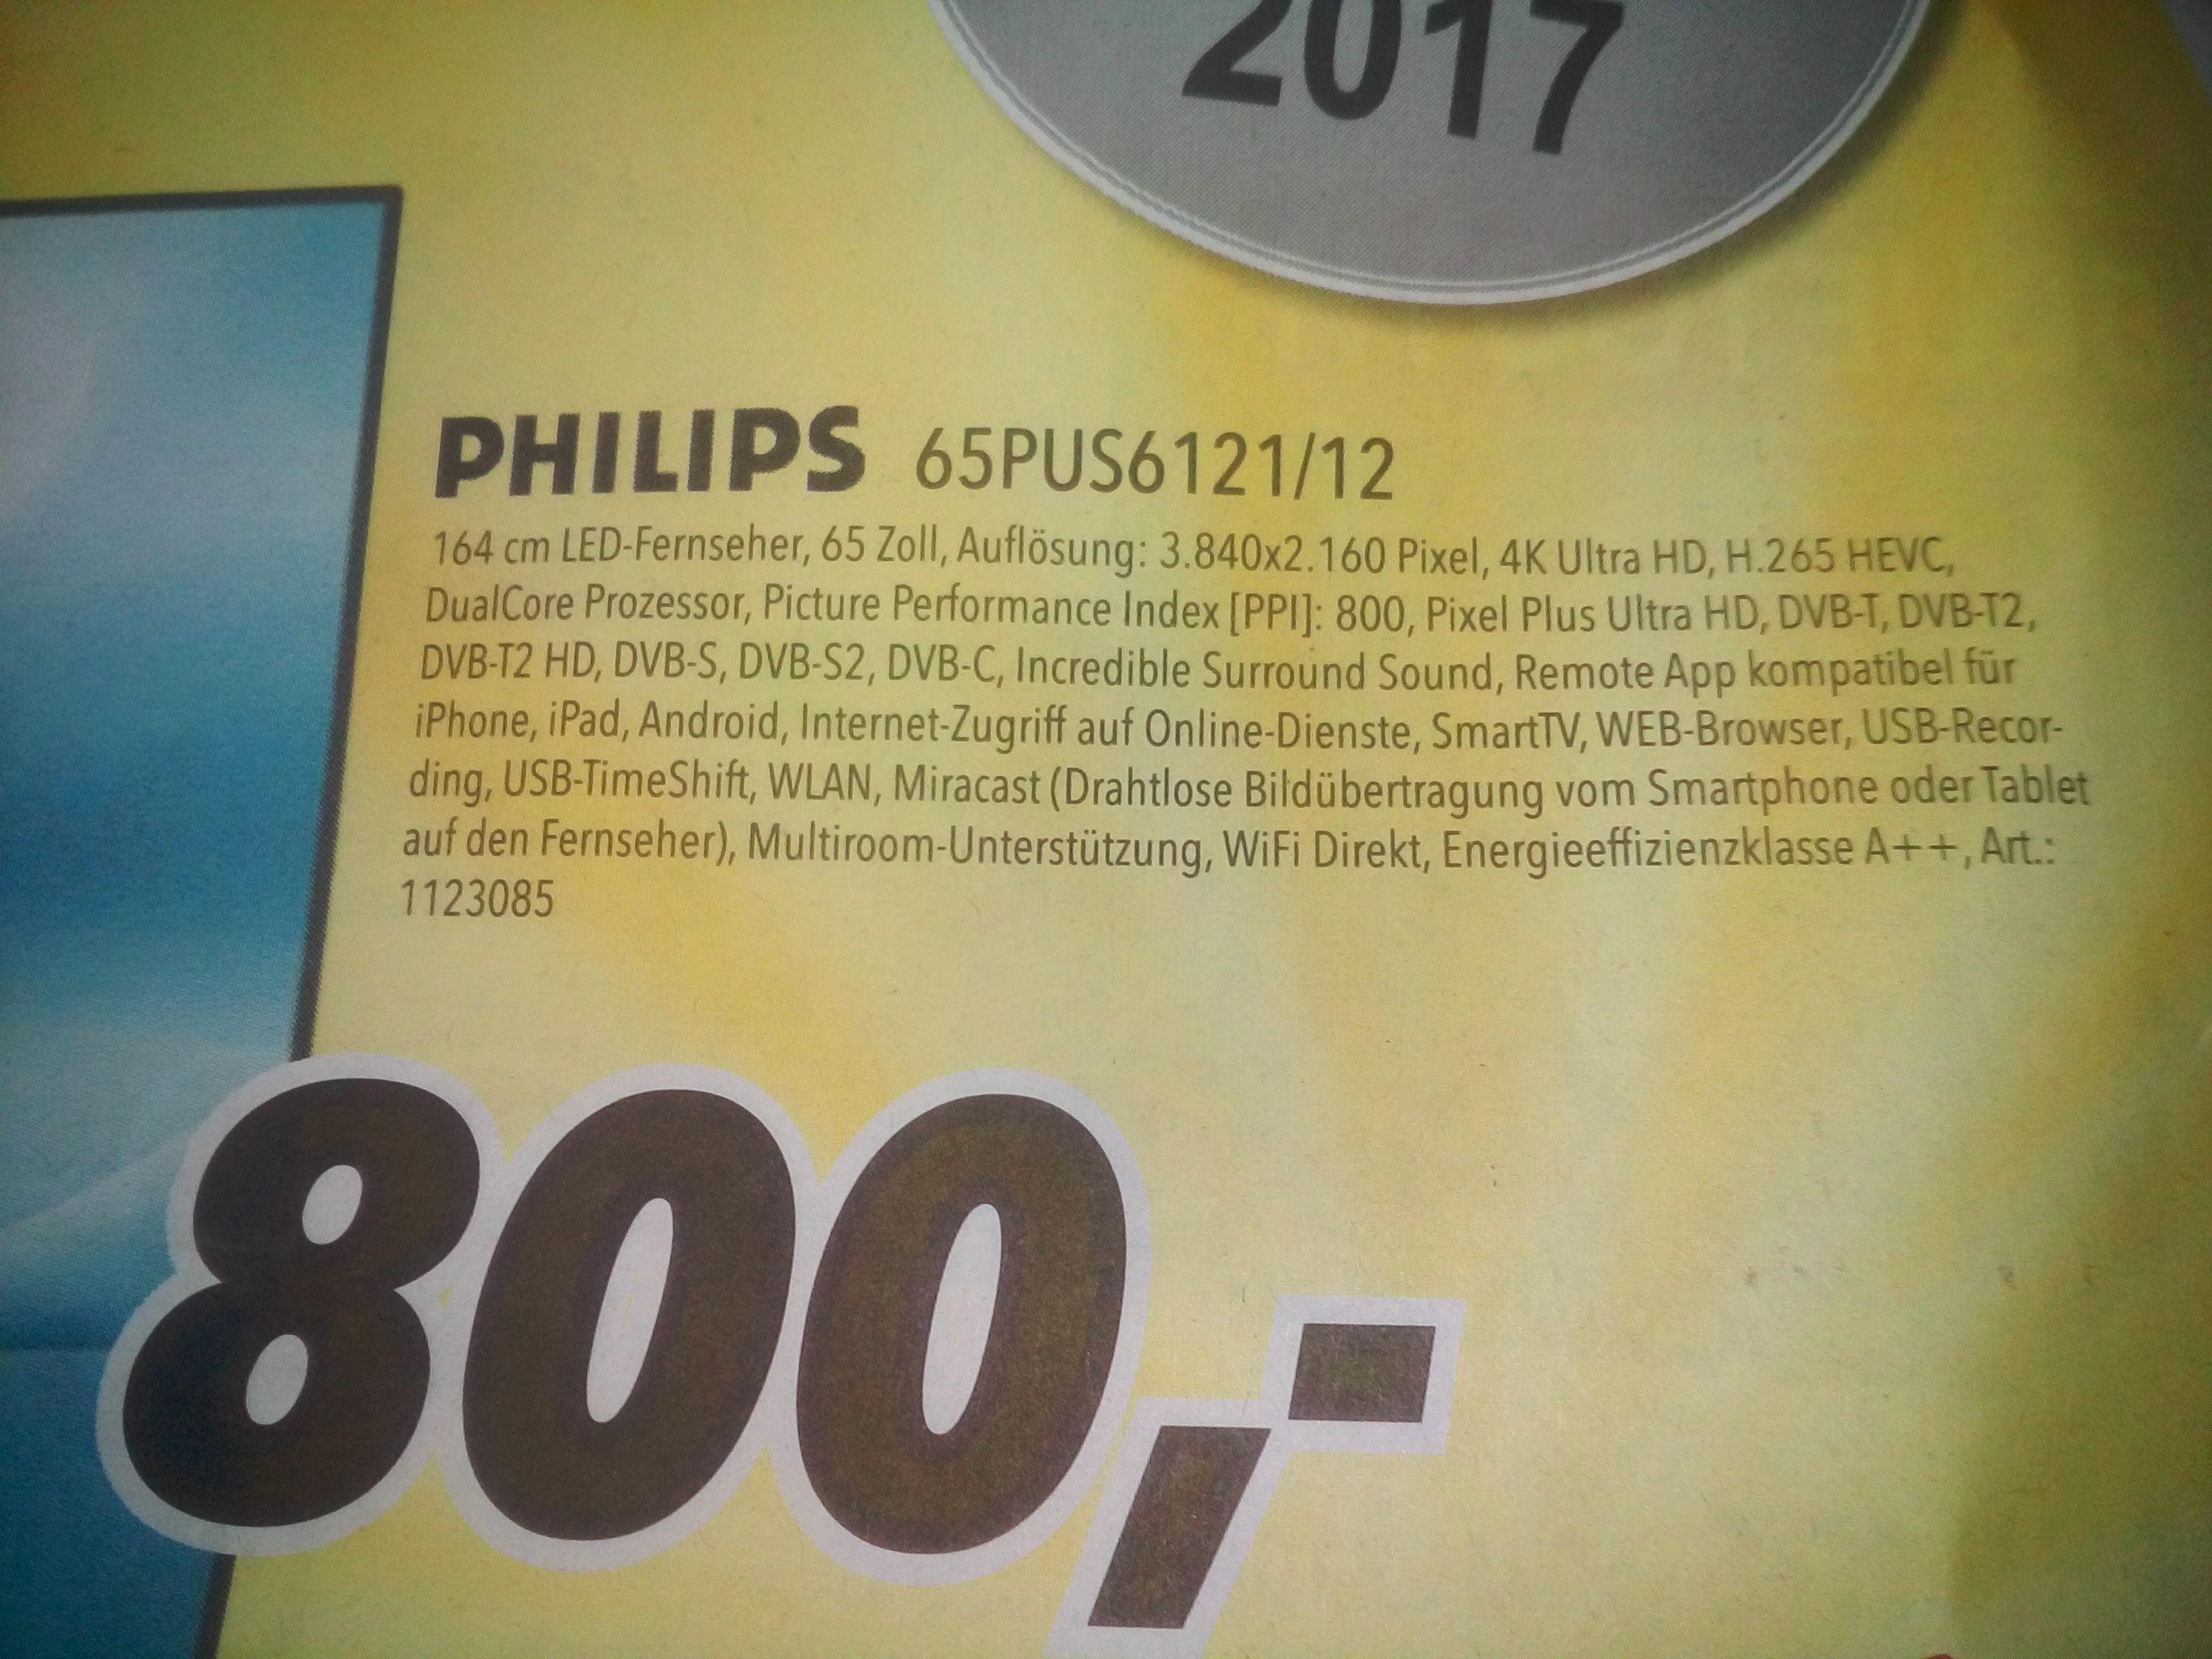 (Lokal)Medimax Fürstenau,Meppen--Philips 65PUS6121/12 Led Fernseher für 800€ statt  1079,94€